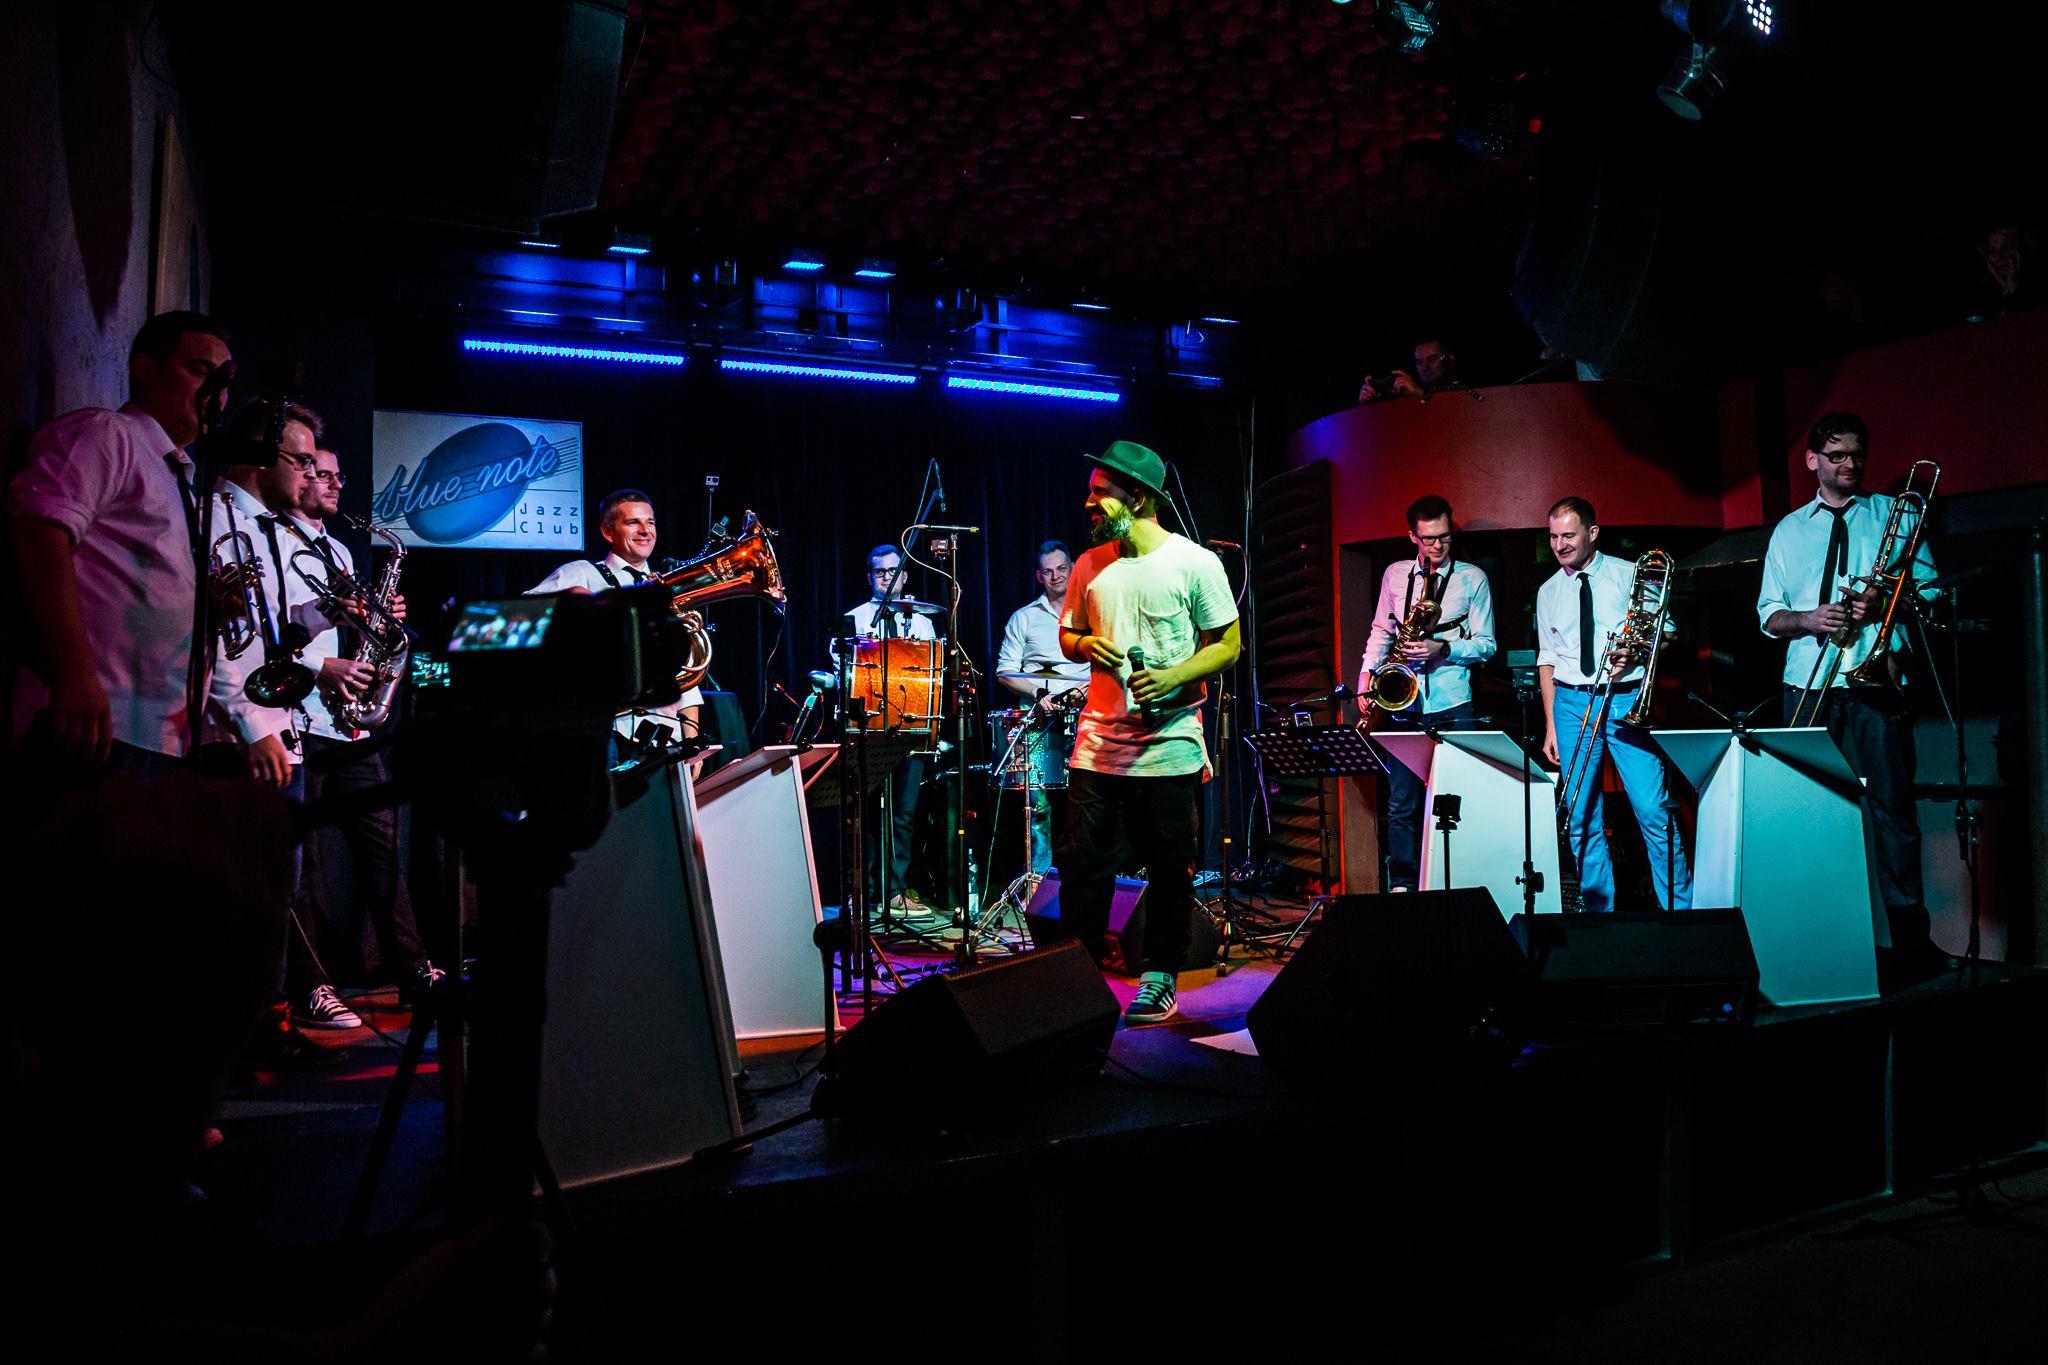 Dizzy Boyz Brass Band z koncertem w Studiu M im. SBB już 13 czerwca - można już rezerwować zaproszenia! [fot. archiwum artystów]